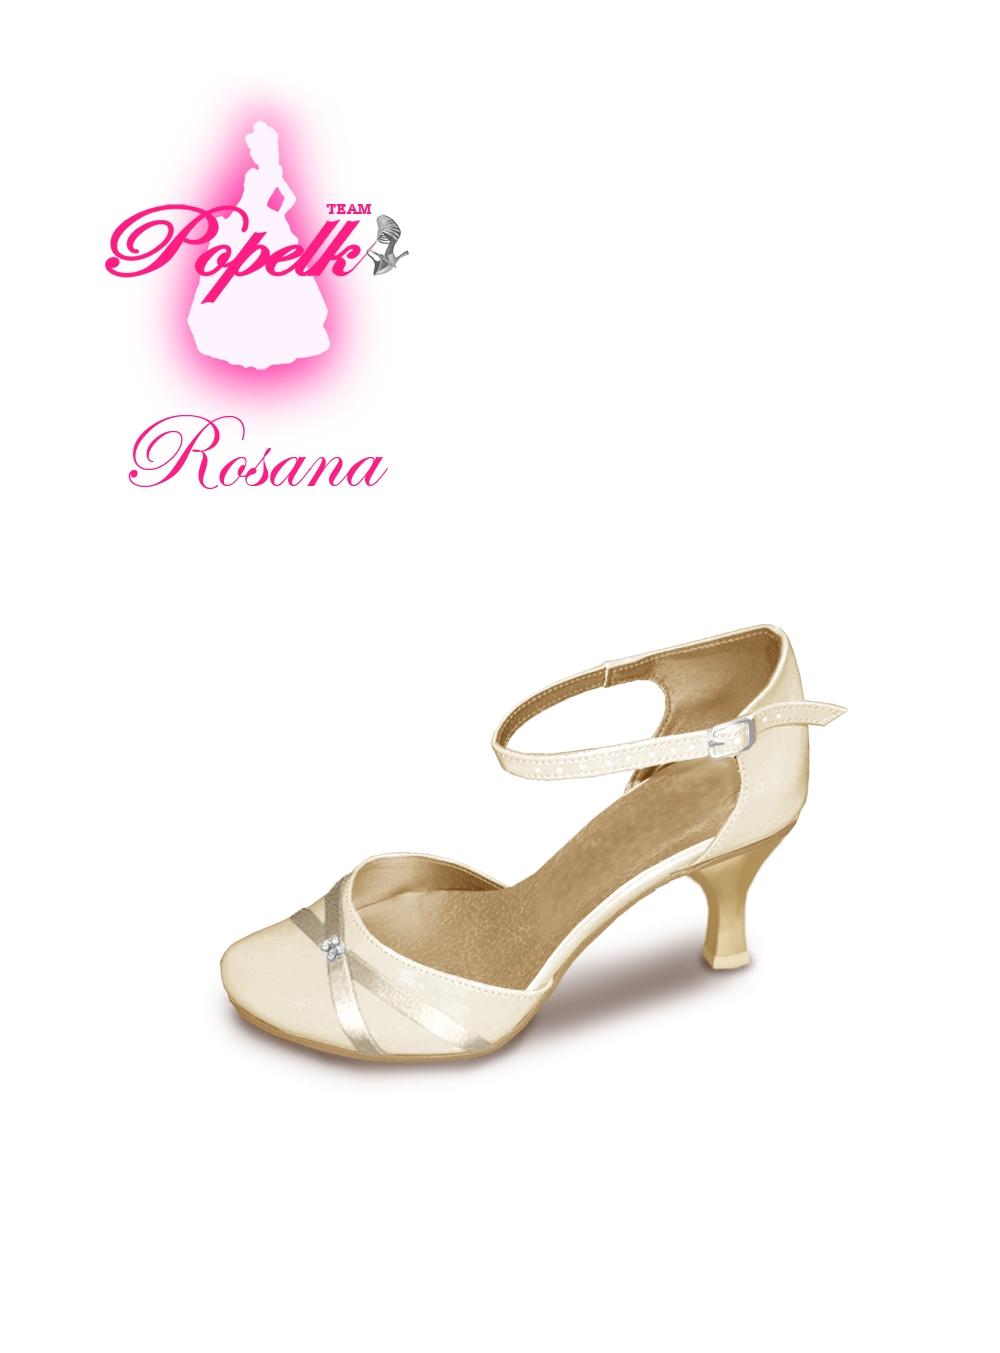 Svadobné topánky navrhni a uprav si ich podľa seba - inšpirácie zlatá - Obrázok č. 46